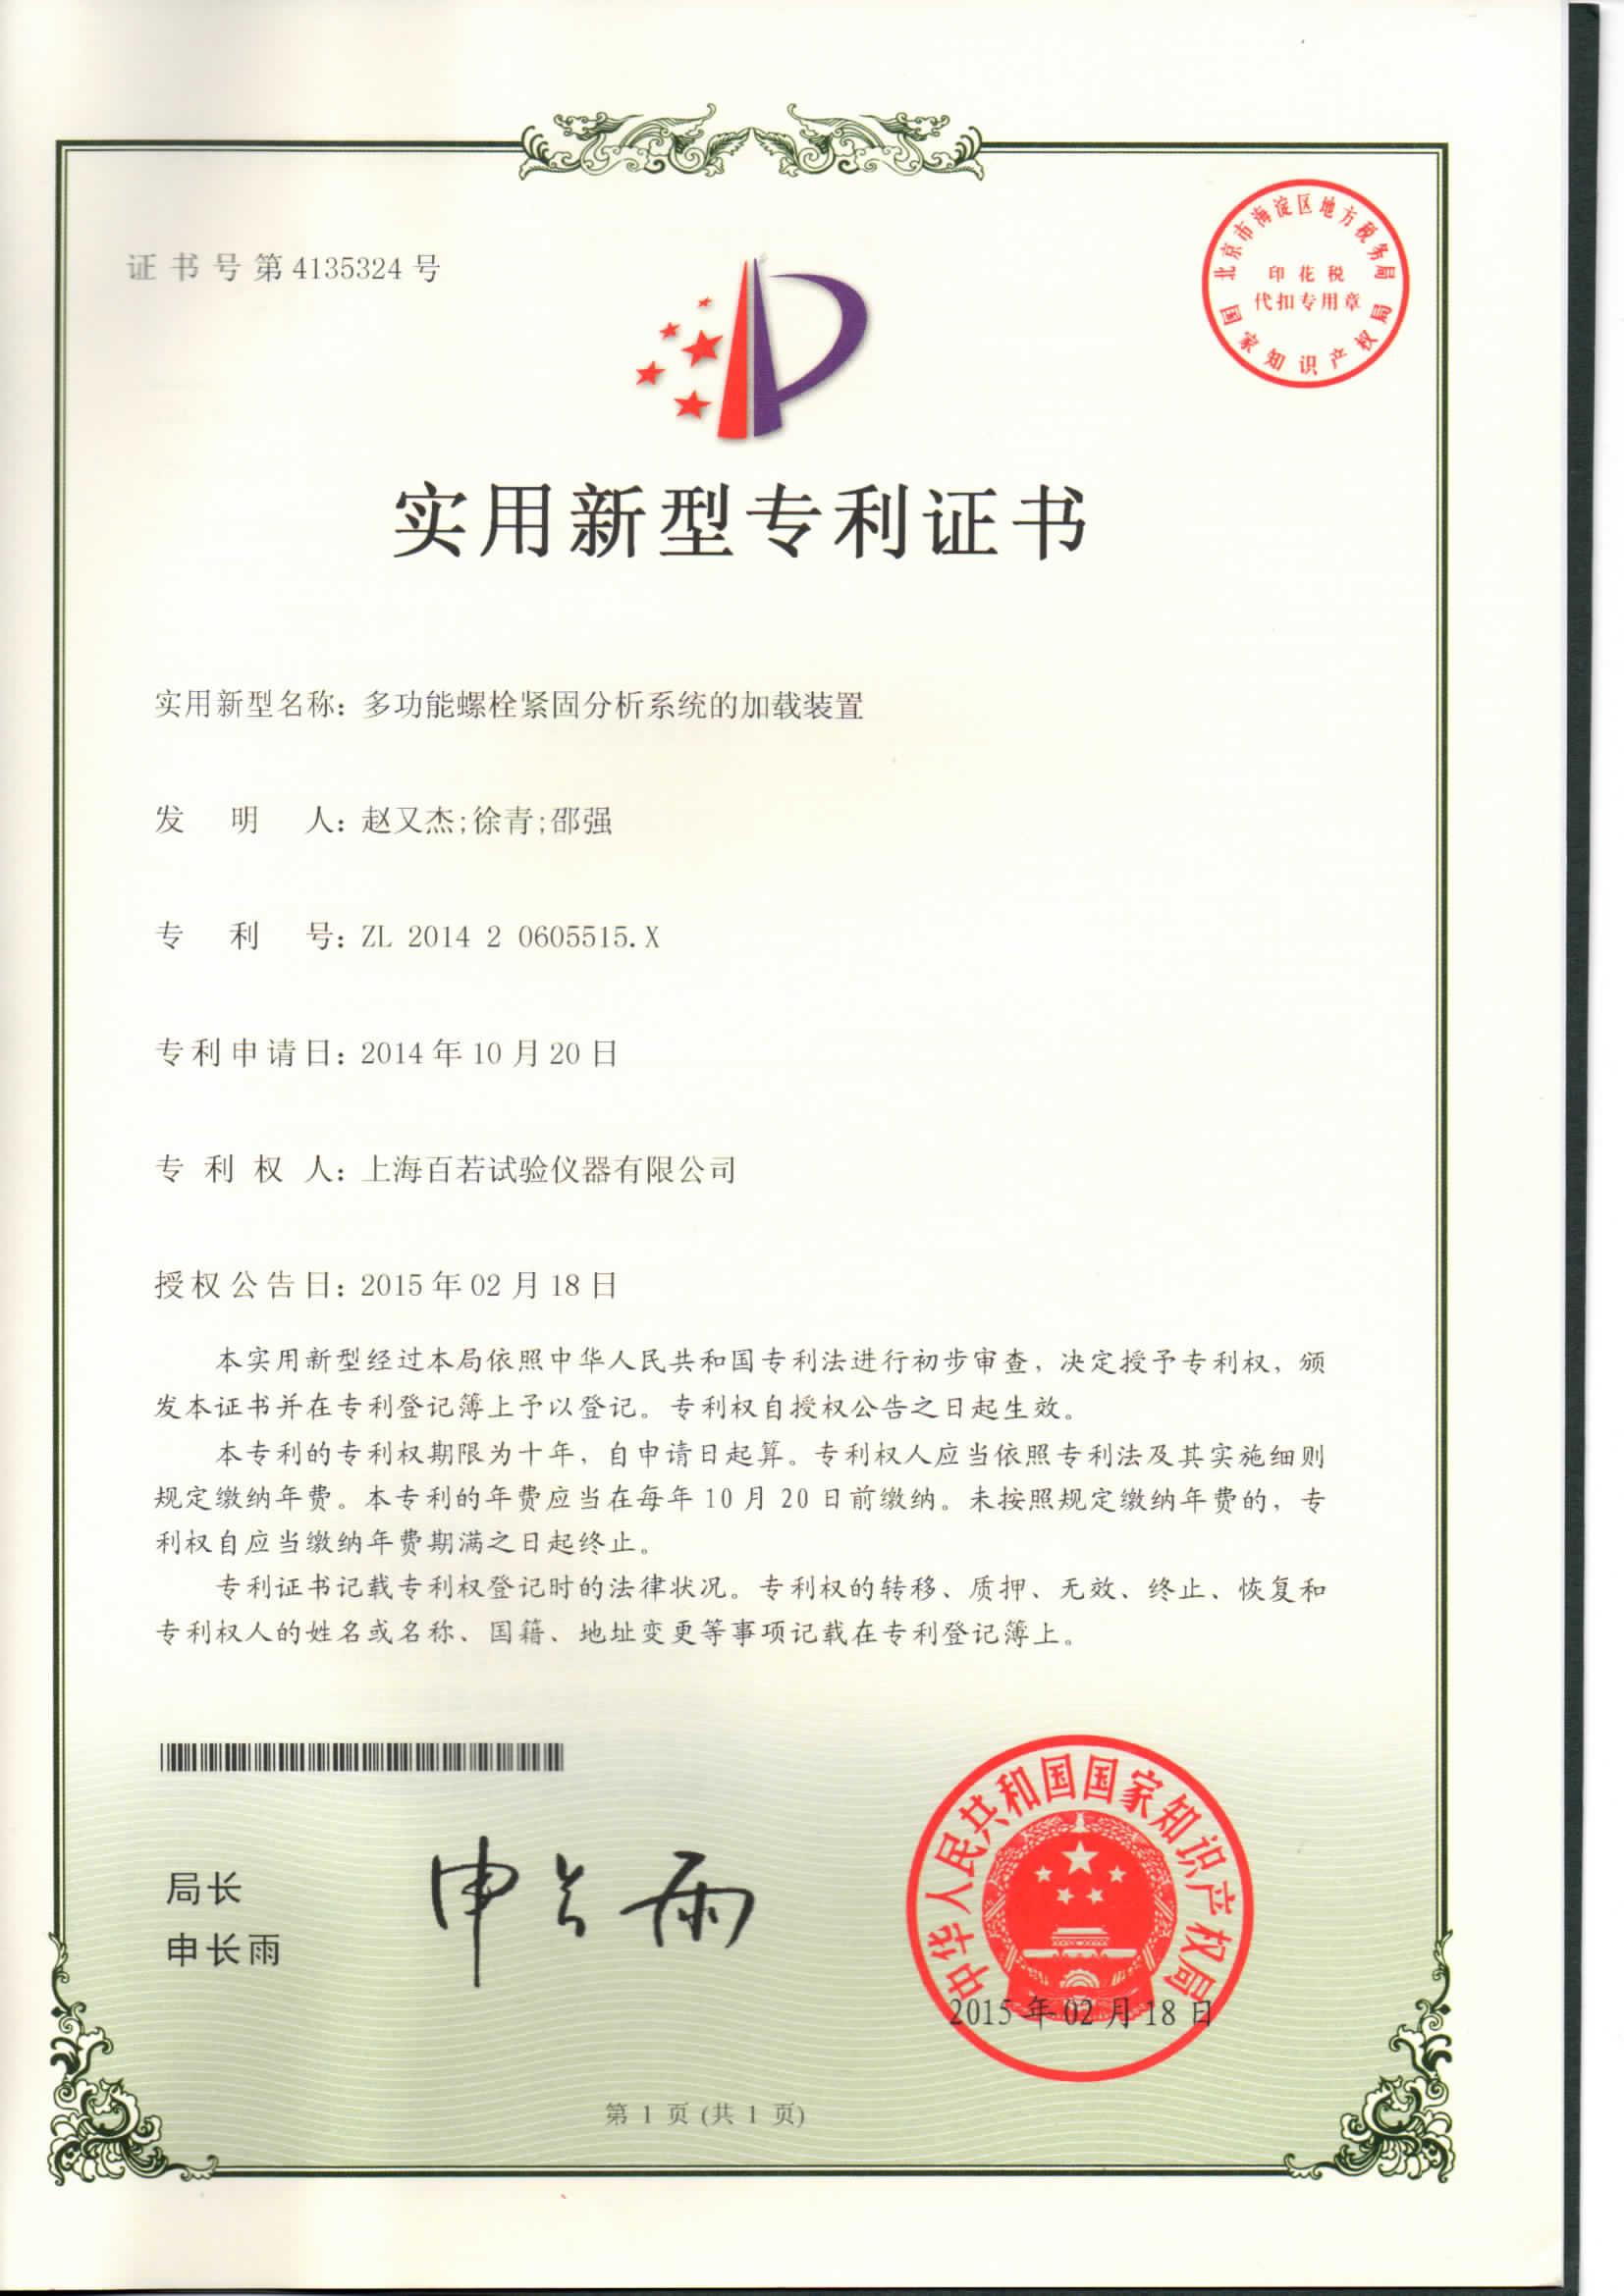 专利证书-多功能螺栓紧固件分析系统的加载装置